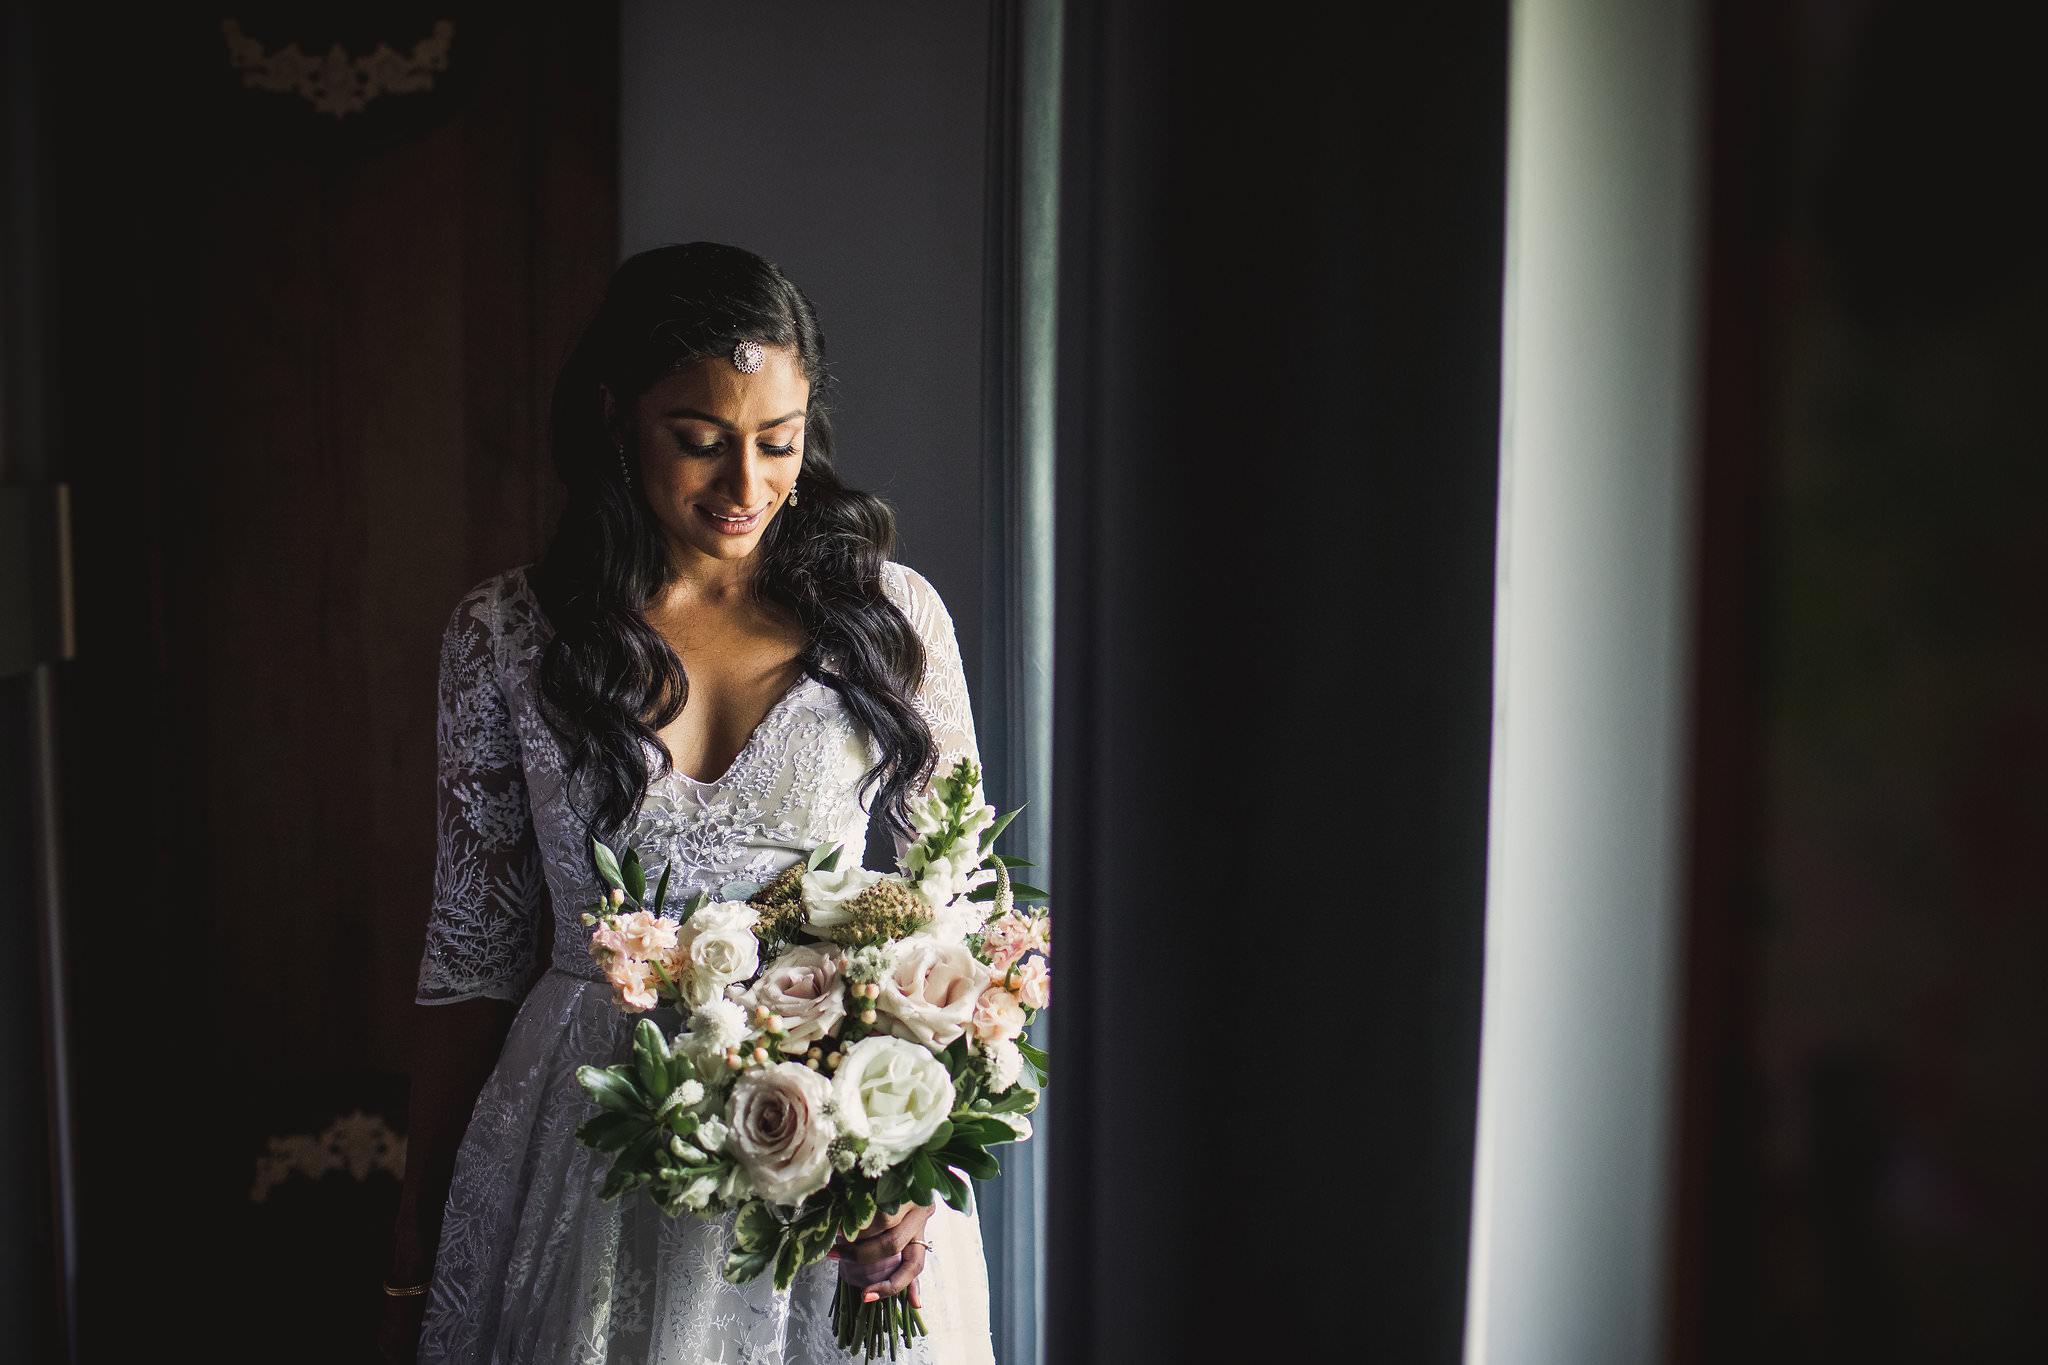 eloramillwedding 119 - Elora Mill Wedding